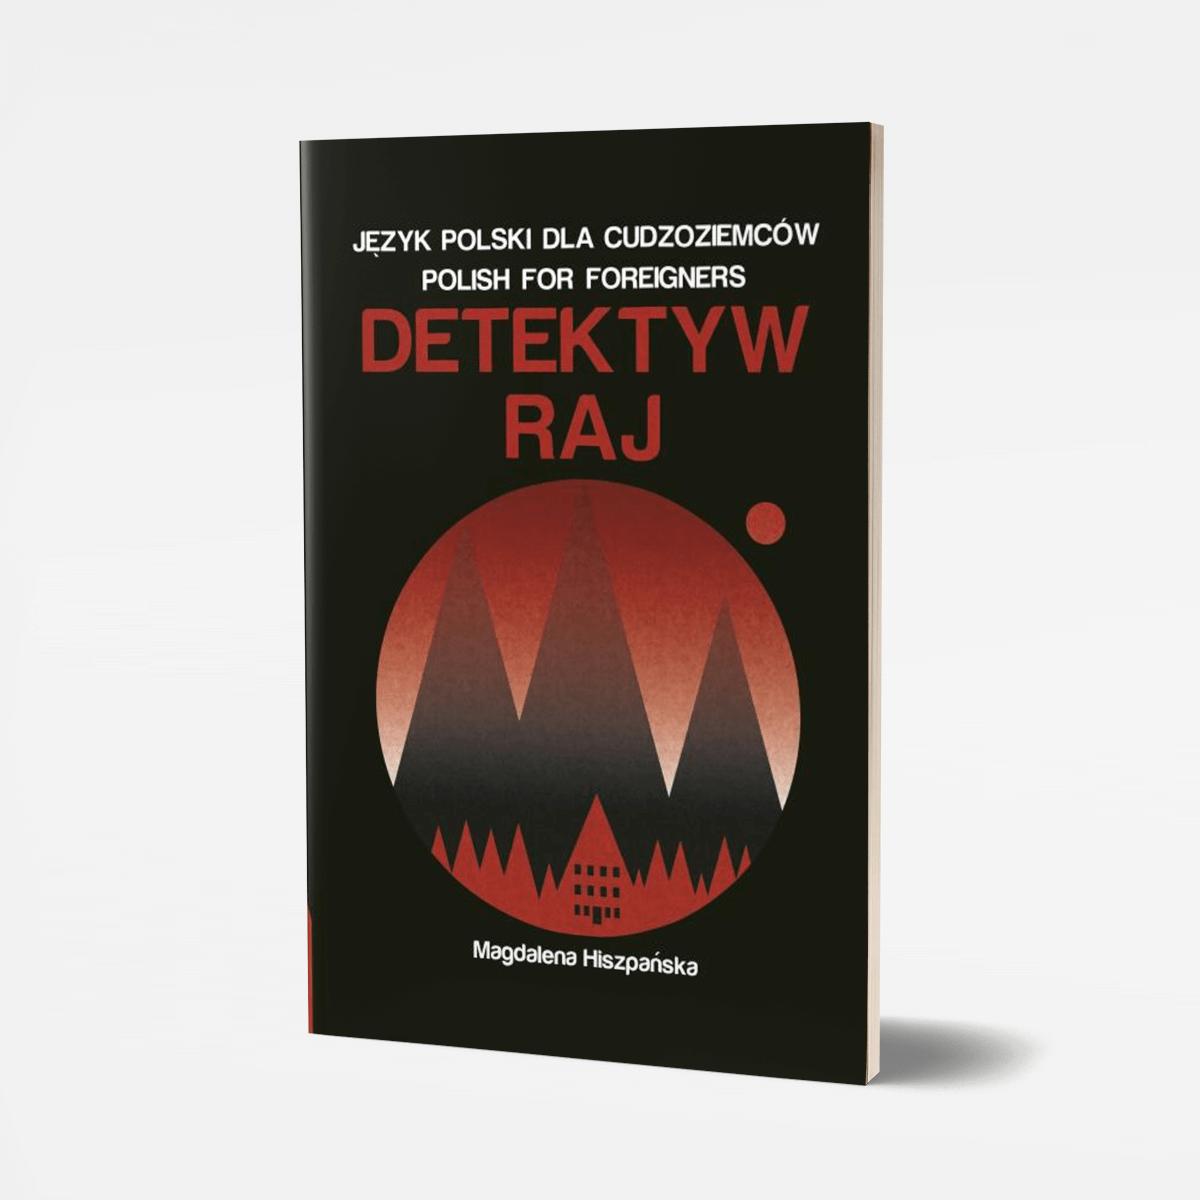 Detektyw Raj